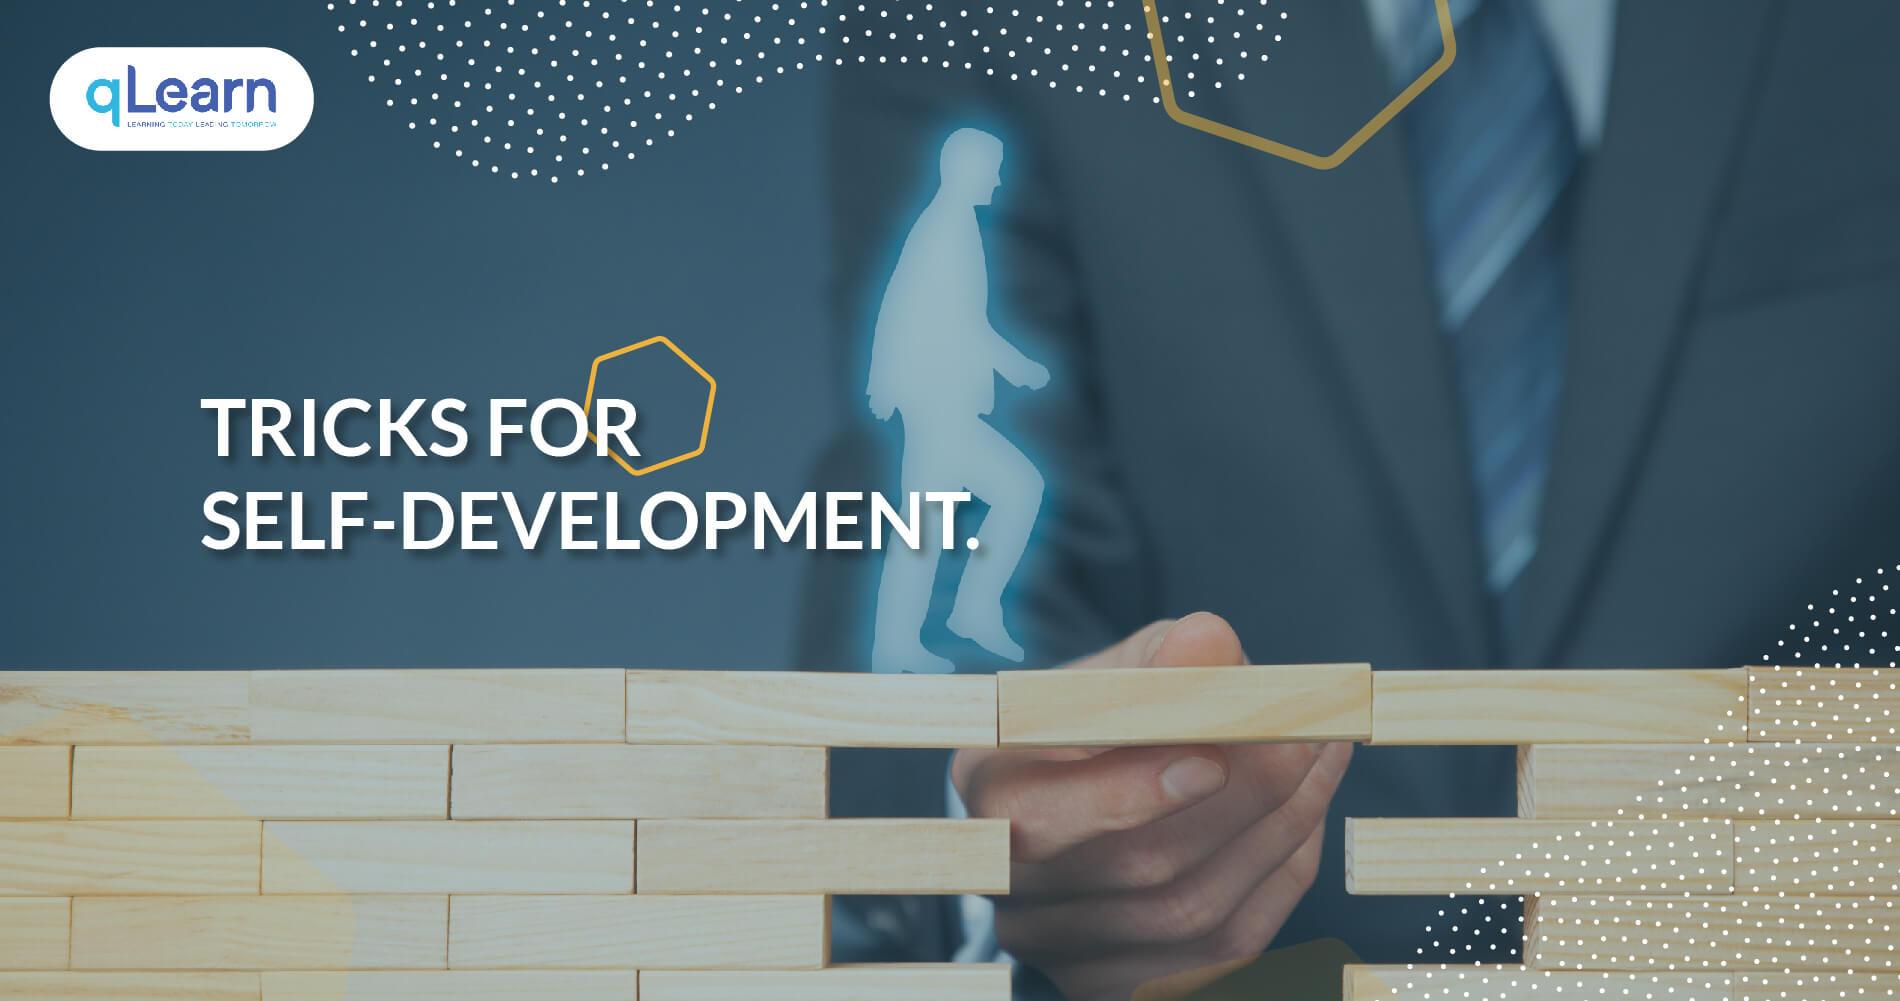 5 Easy Tricks for Self-Development